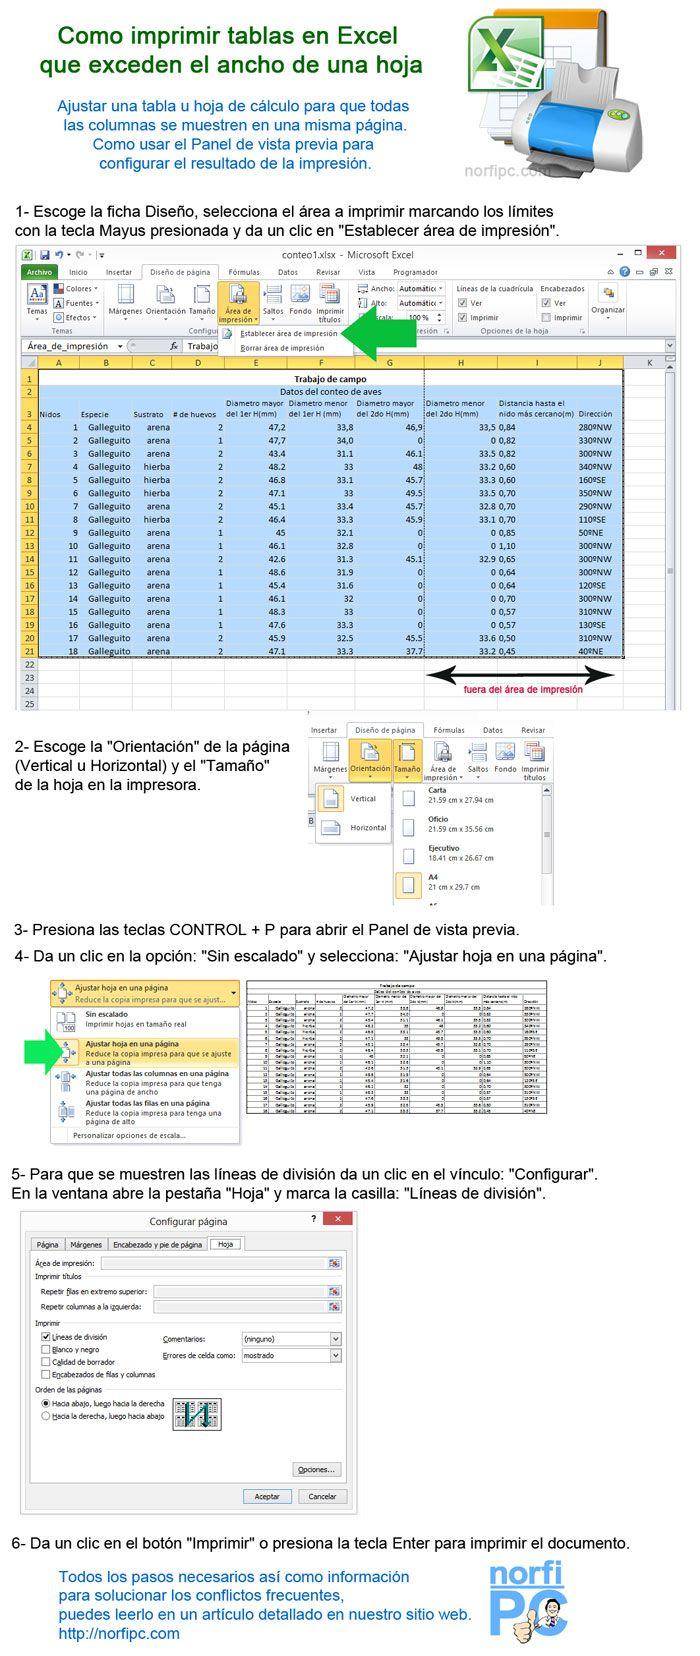 Como imprimir tablas en Excel que exceden el ancho de una hoja. Ajustar una tabla u hoja de cálculo para que todas las columnas se muestren en una misma página. Como usar el Panel de vista previa para configurar el resultado de la impresión.